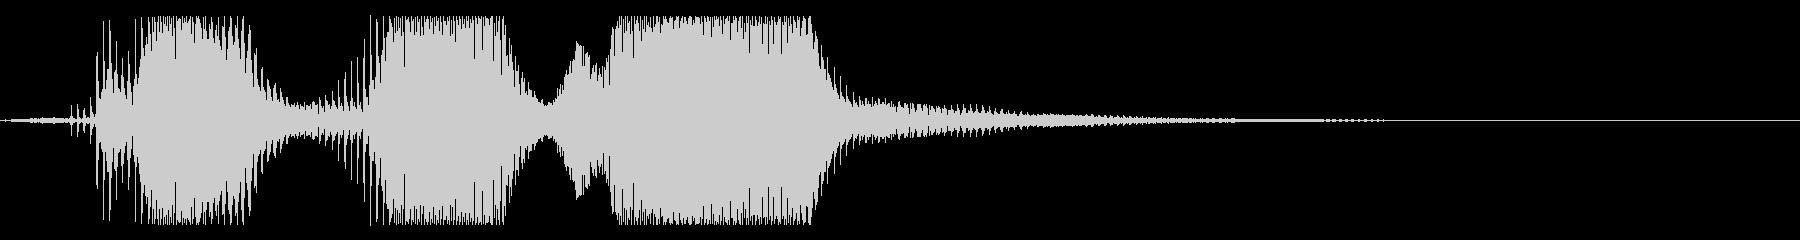 速めスリーツーワン(ロボット声)の未再生の波形